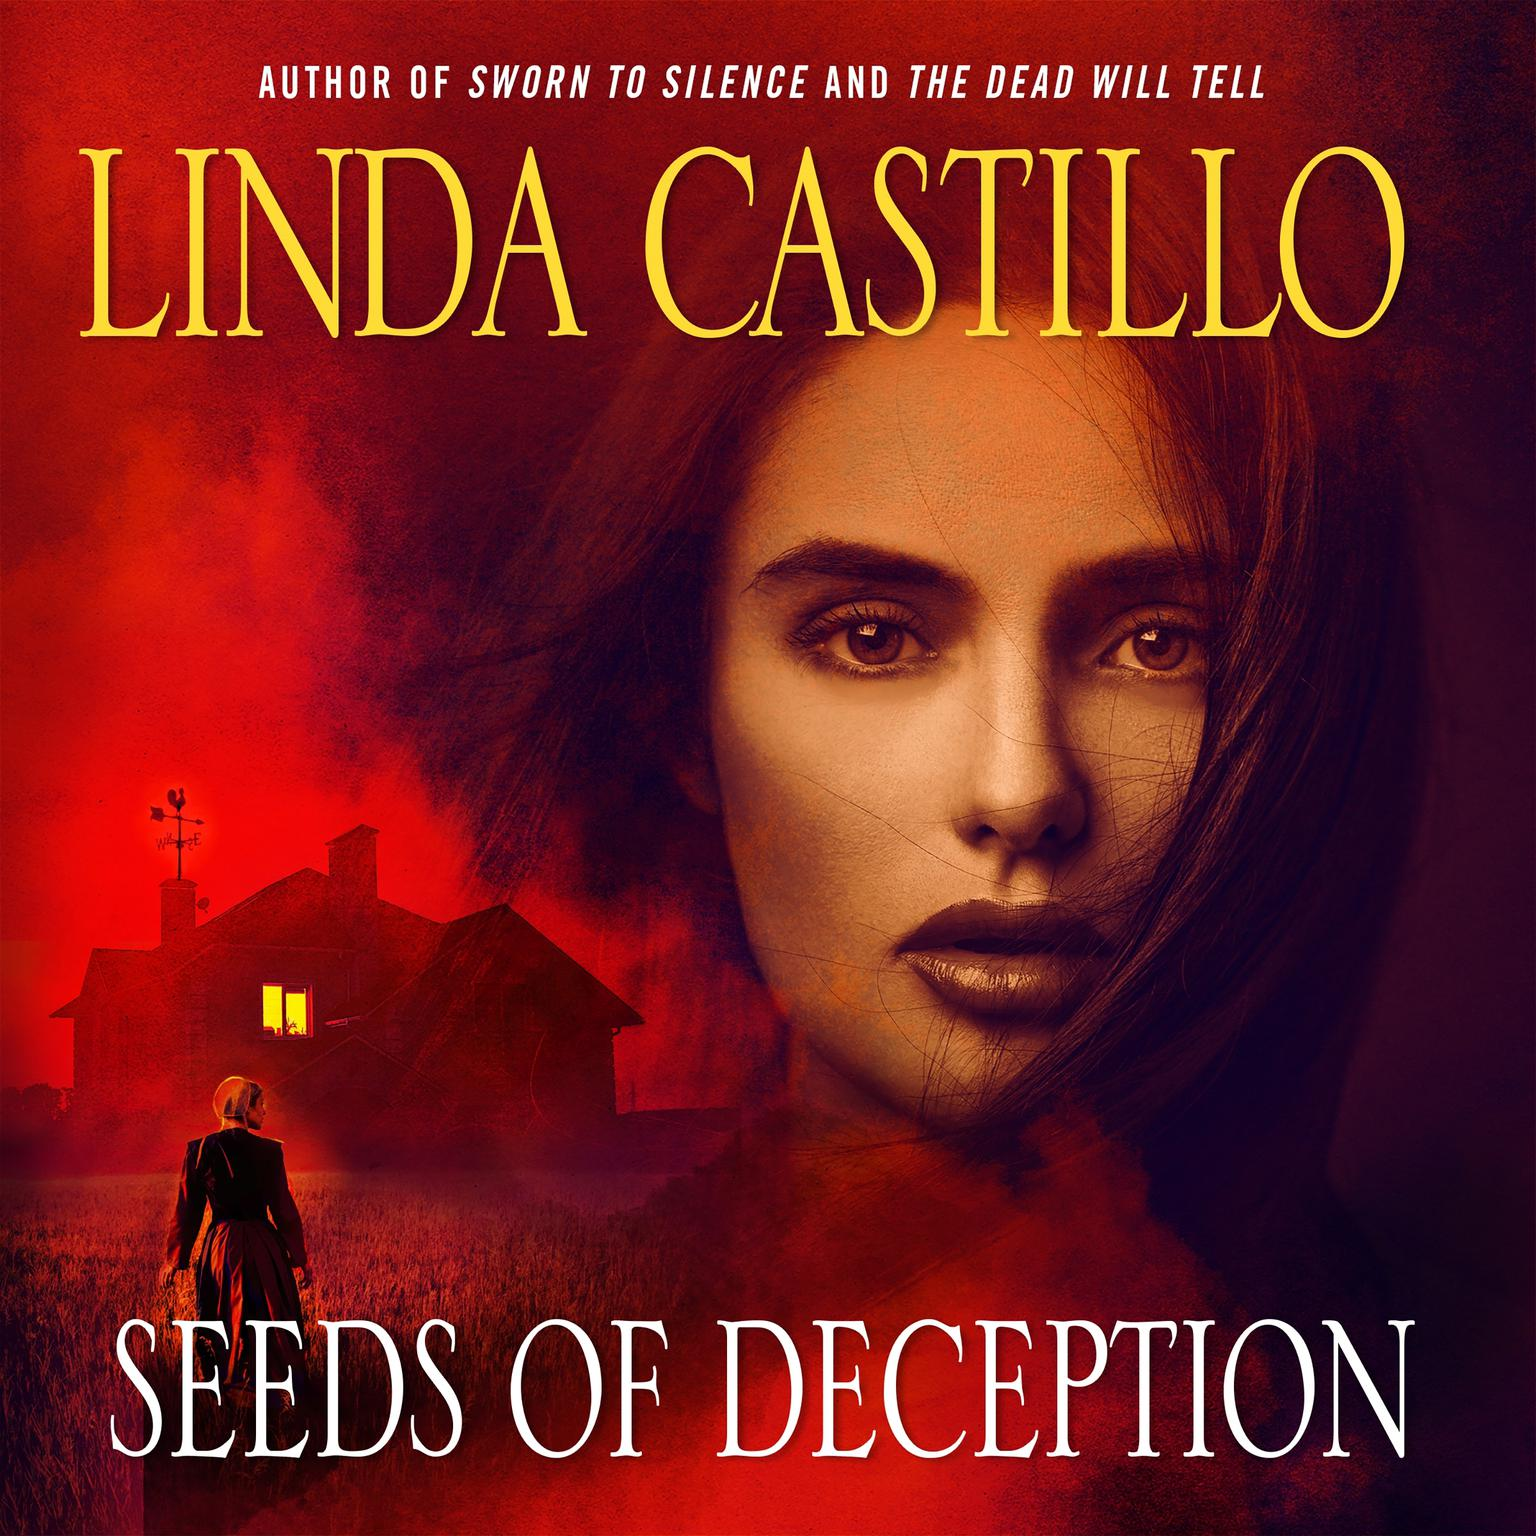 Seeds of Deception: A Kate Burkholder Short Story Audiobook, by Linda Castillo